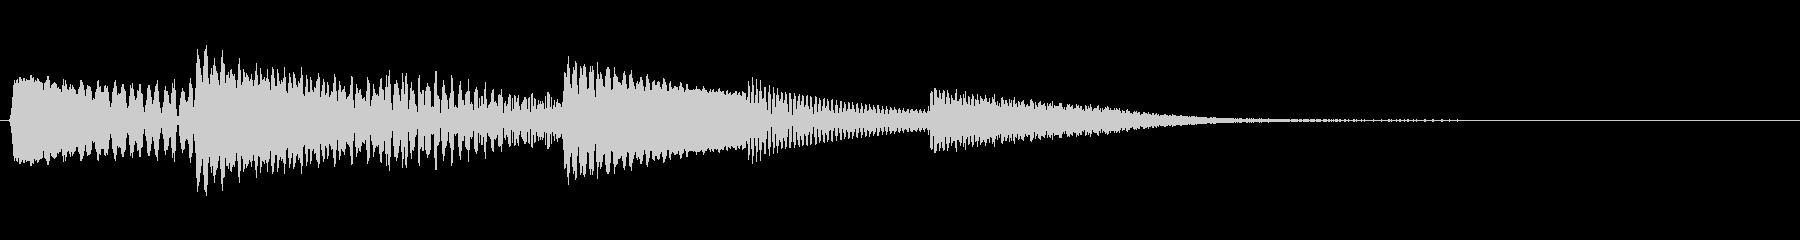 ワンコードアルペジオの決定音の未再生の波形